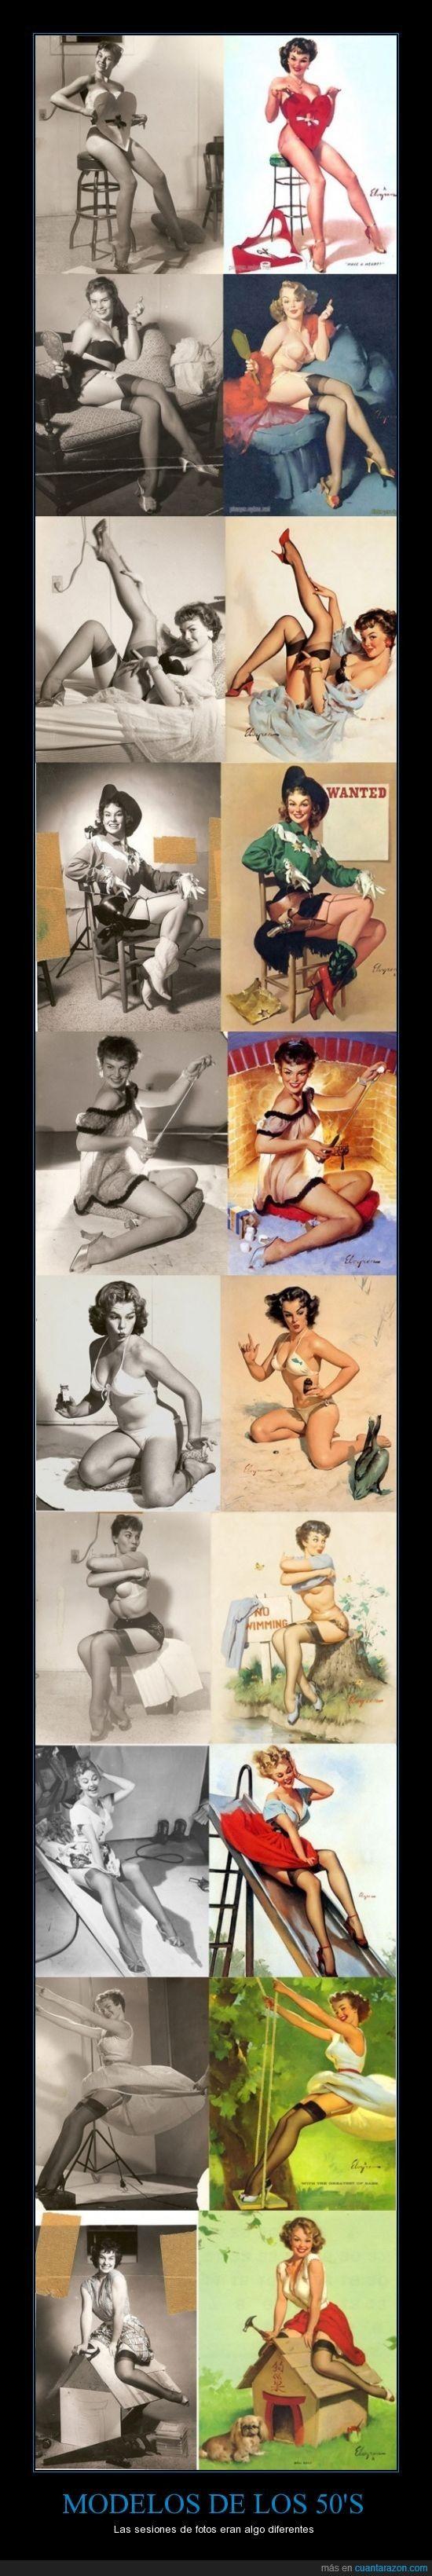 MODELOS DE LOS 50's - Las sesiones de fotos eran algo diferentes